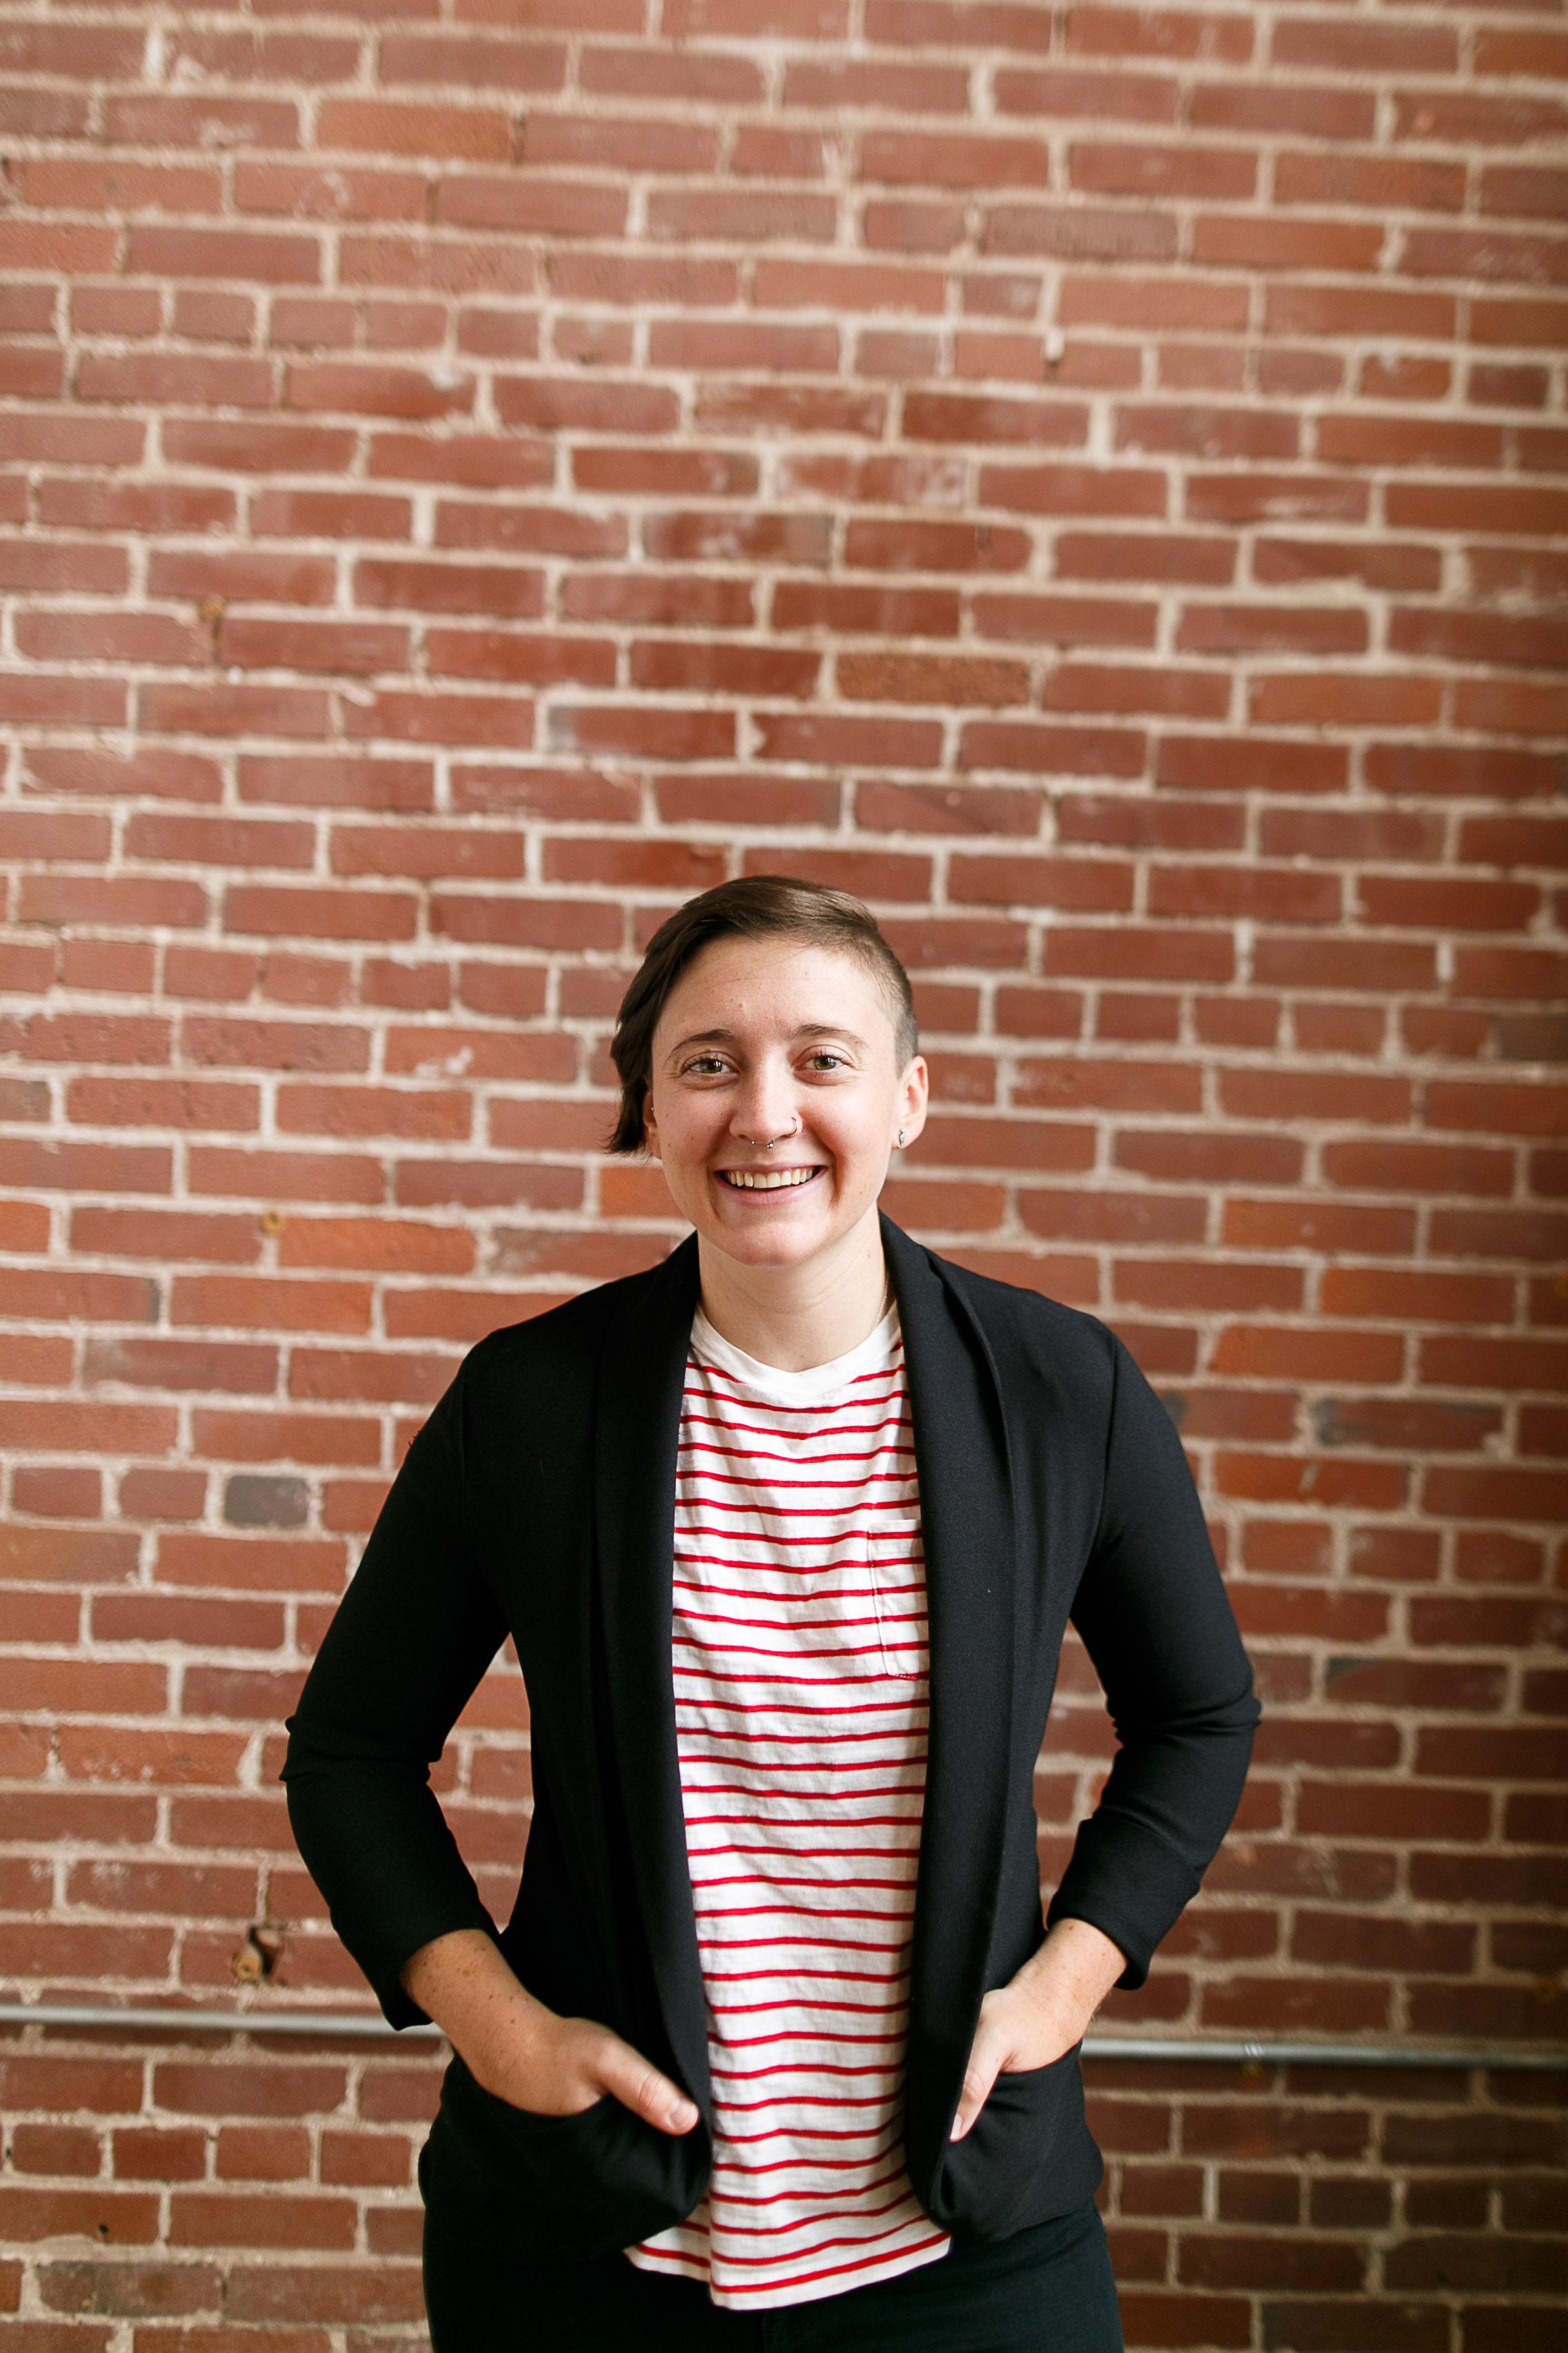 Jenna Philadelphia Doula Headshots-11.jpg